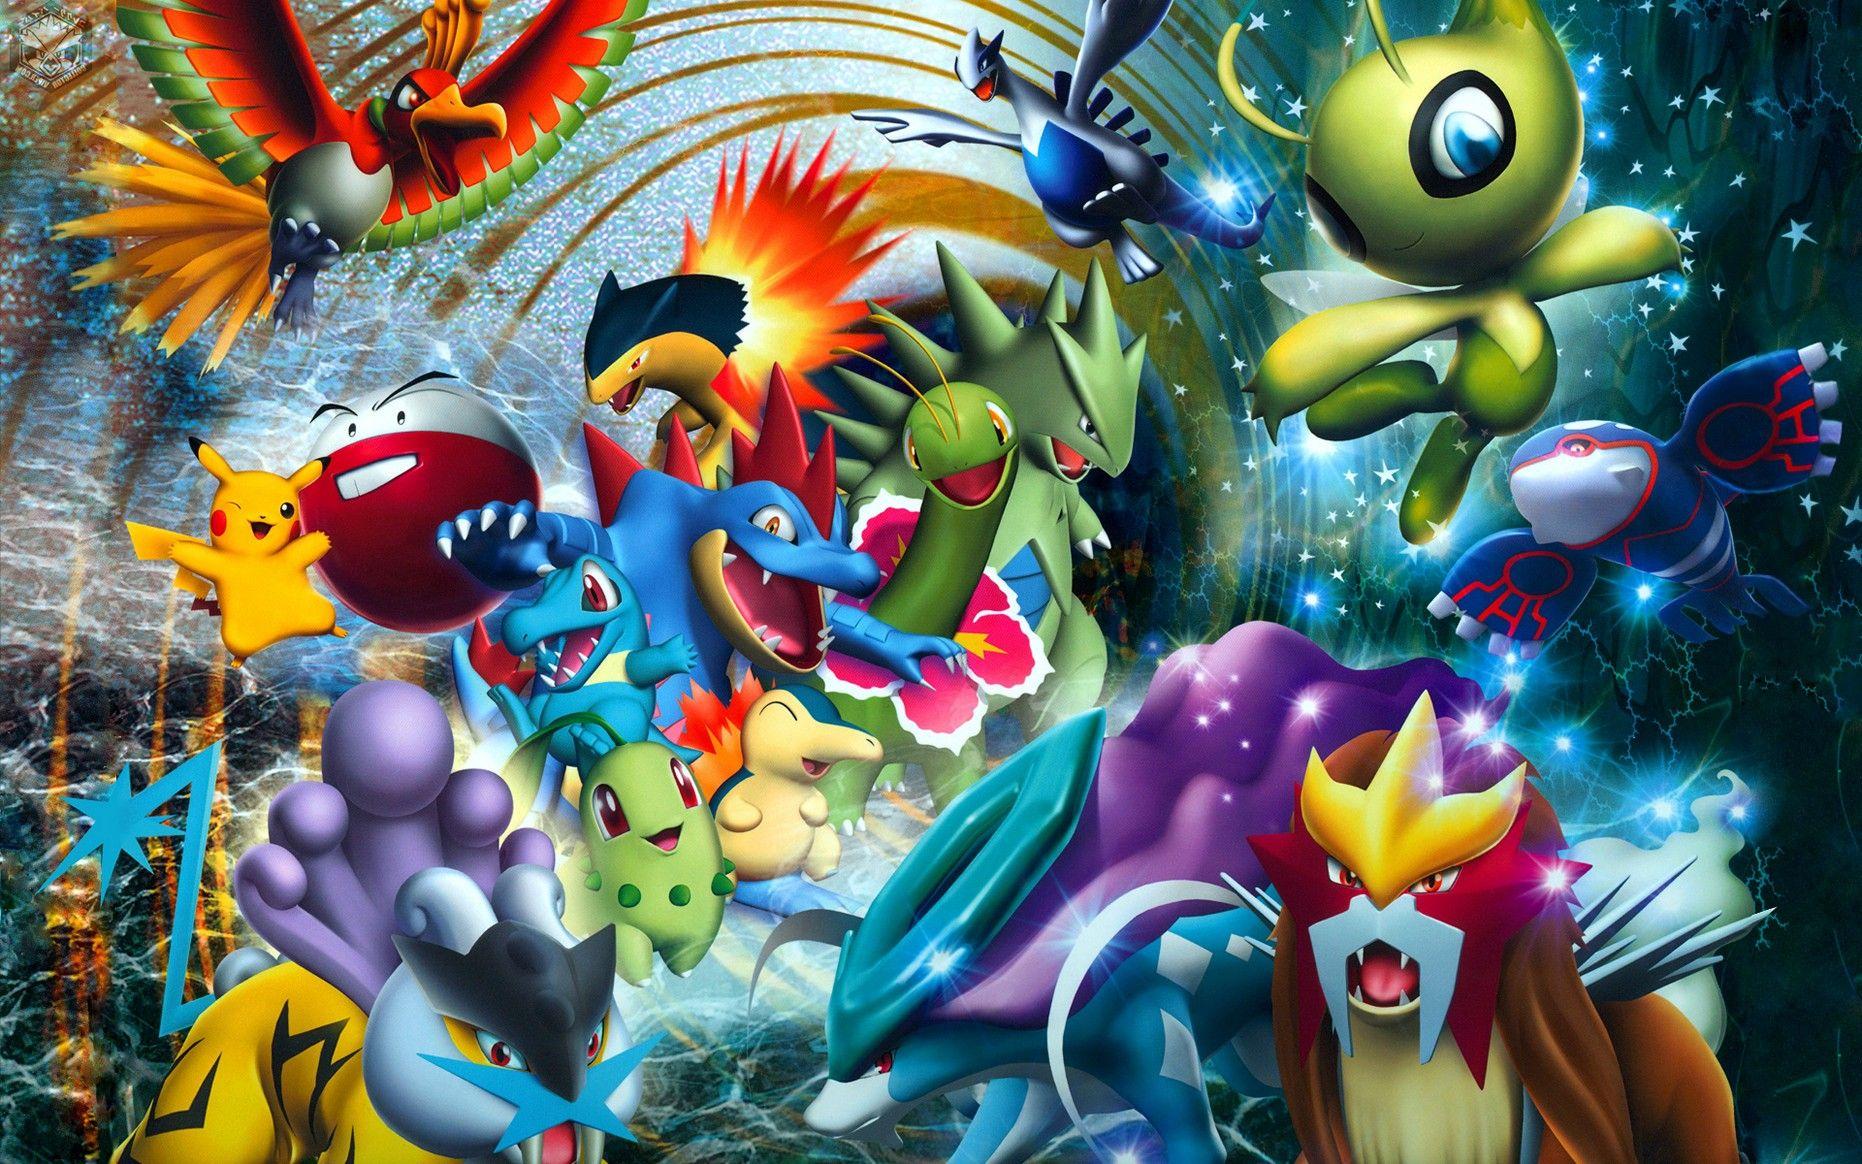 Pokemon Tcg Good Anime Wallpapers And Backgrounds Best Hd Wallpapers 1862 1164 Good Anime Backgrounds 34 Wallpapers Anime Anime Background Pokemon Pictures